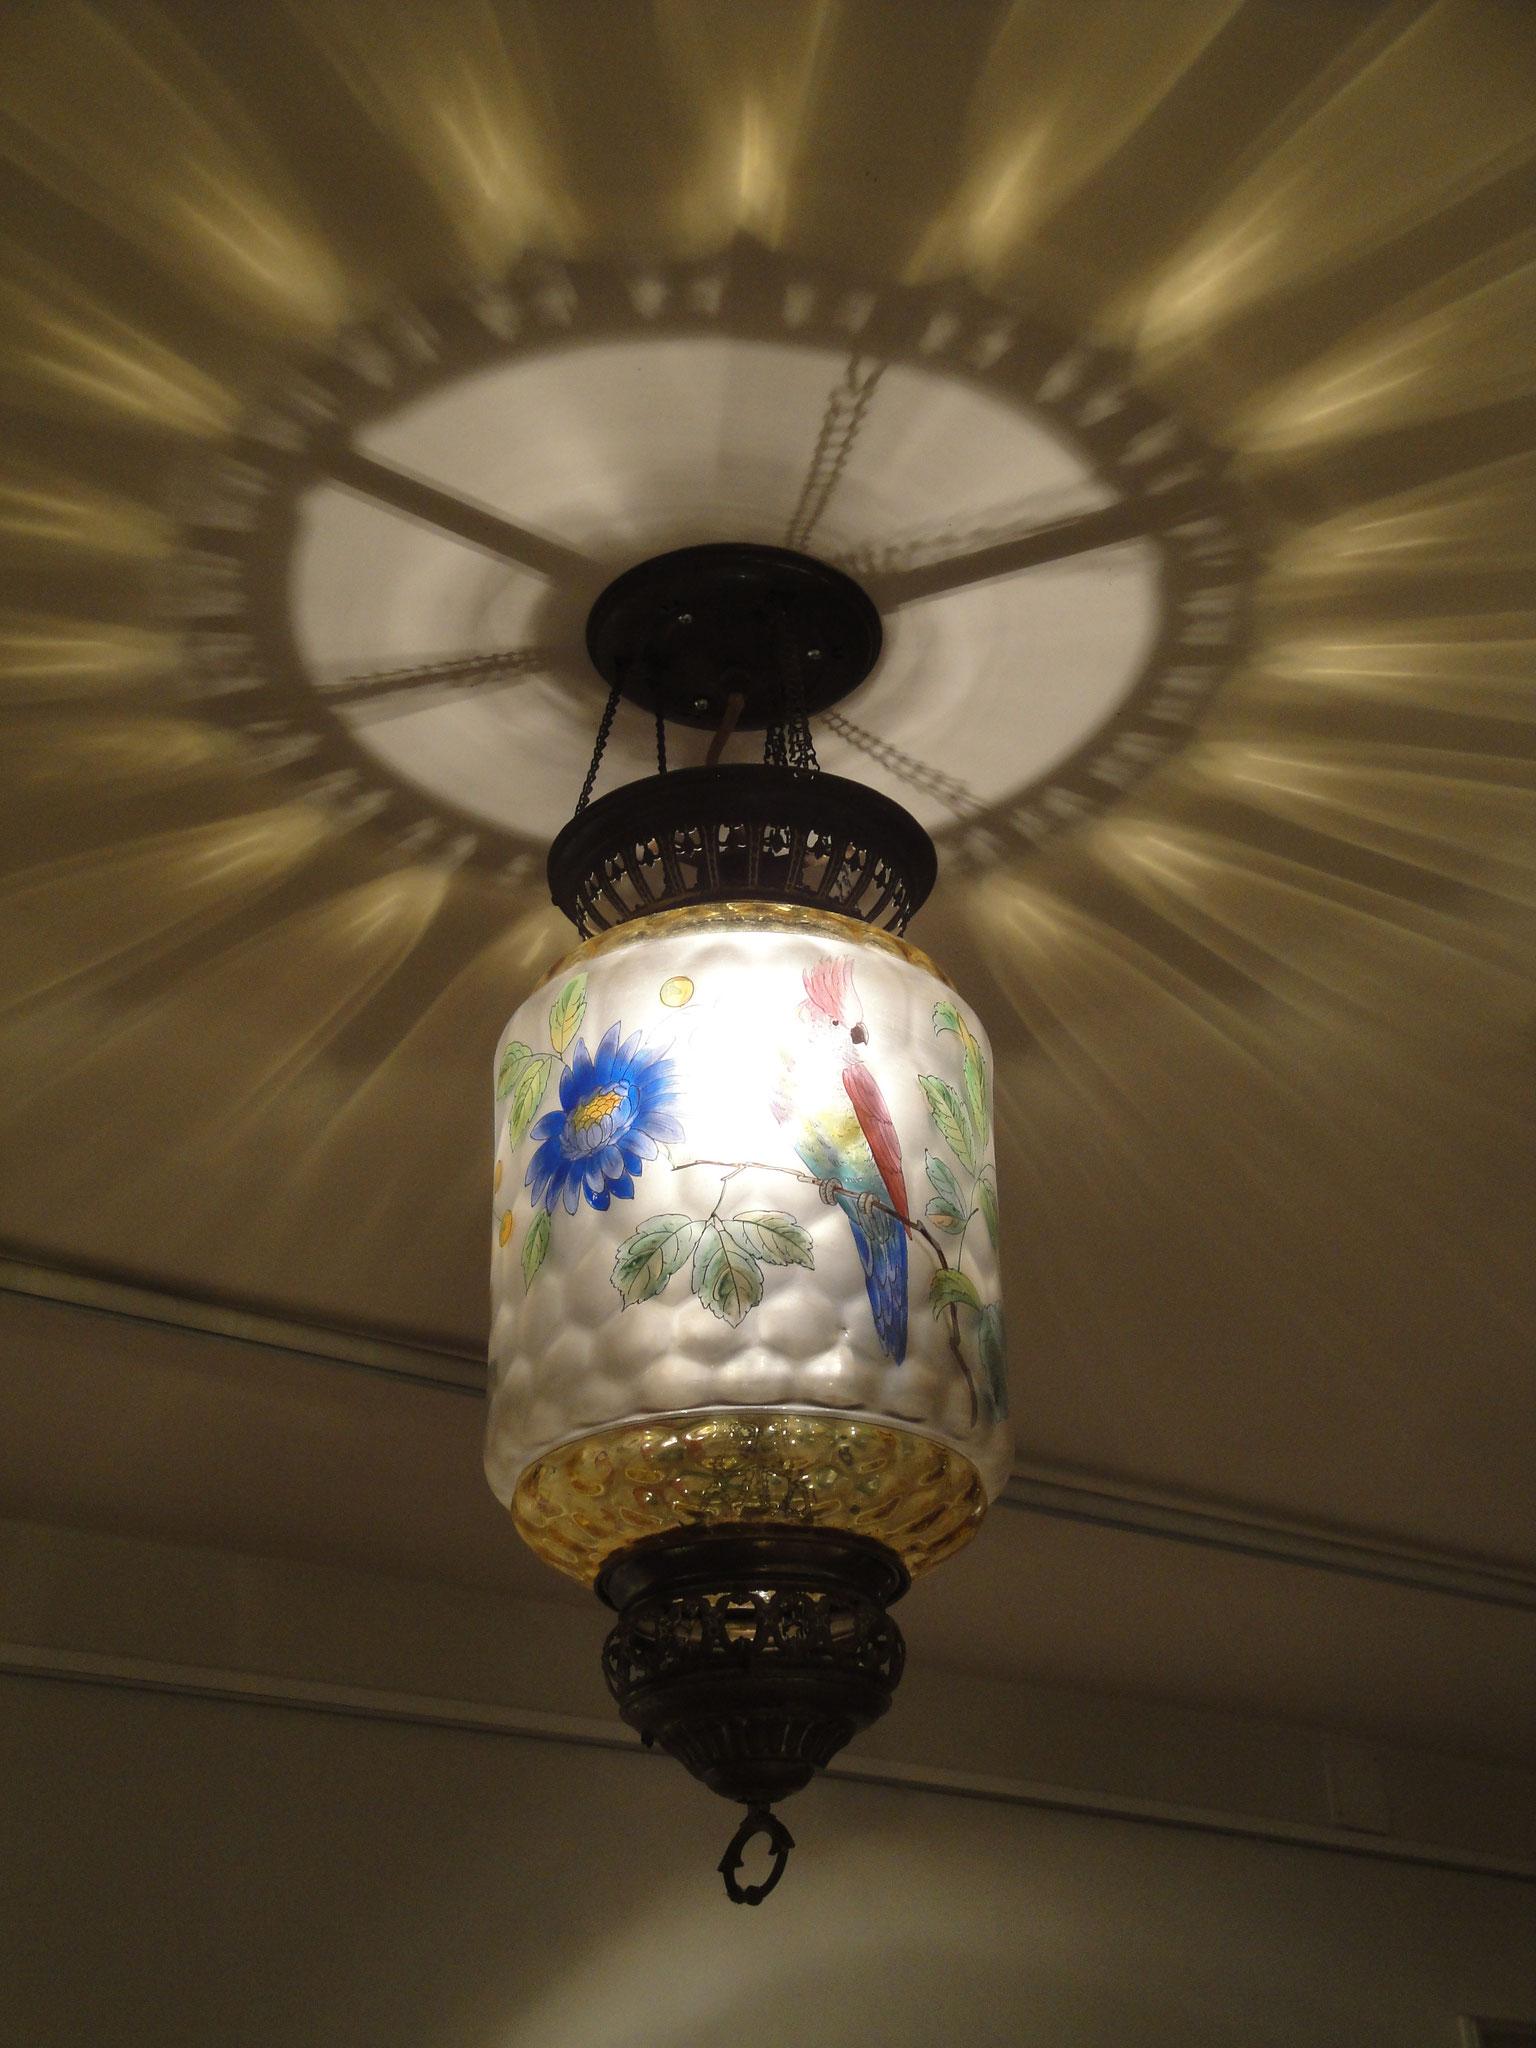 Jugendstil-Lampe im Foyer des Museums